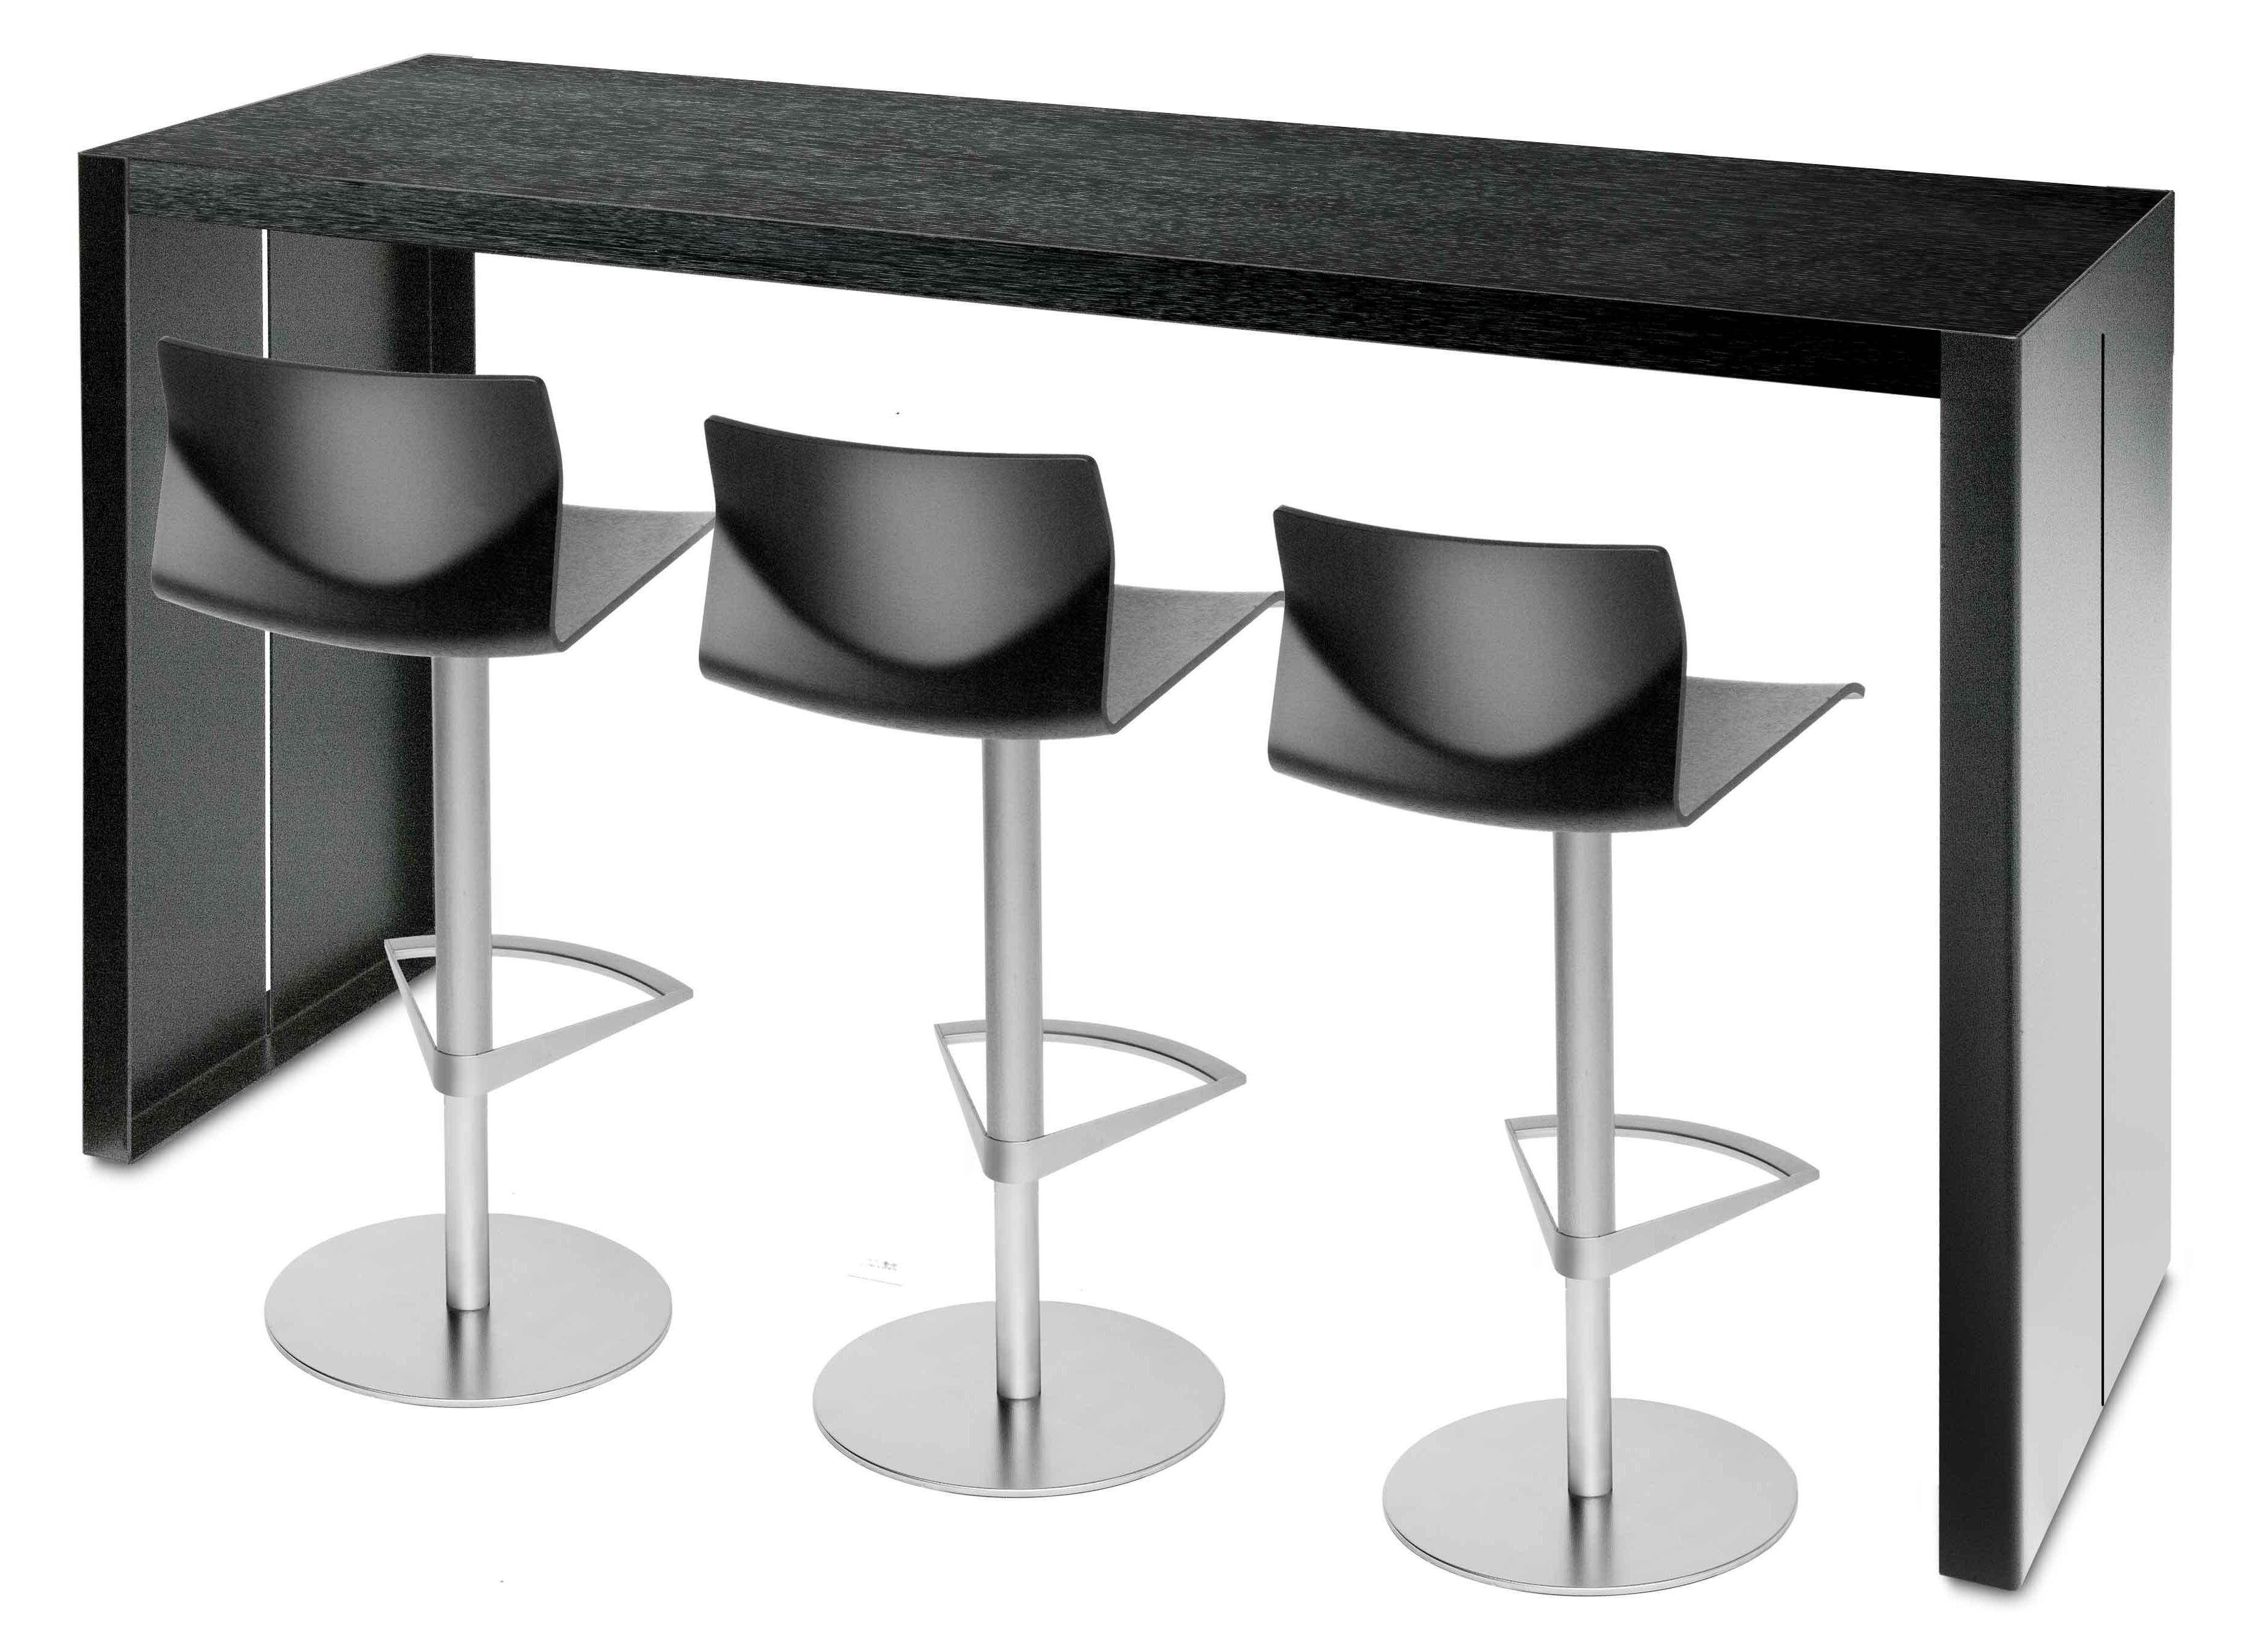 esstisch mit barhocker bettwasche 2017. Black Bedroom Furniture Sets. Home Design Ideas